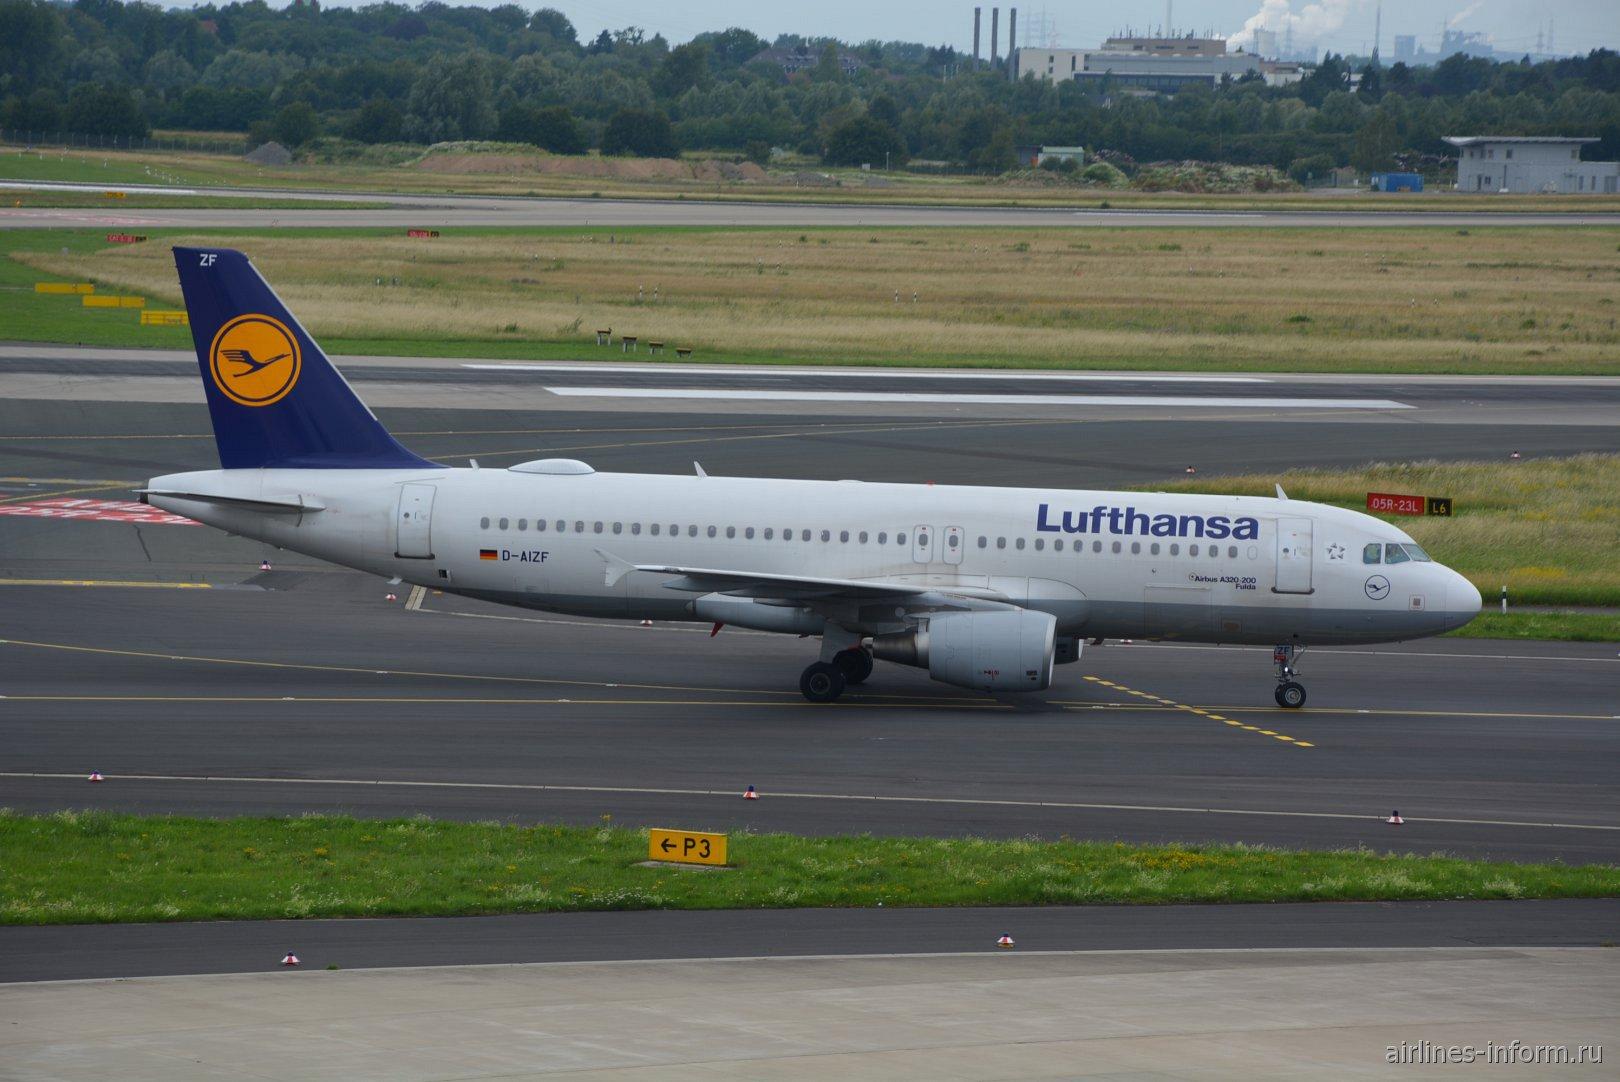 Самолет Airbus A320 D-AIZF авиакомпании Lufthansa в аэропорту Дюссельдорфа